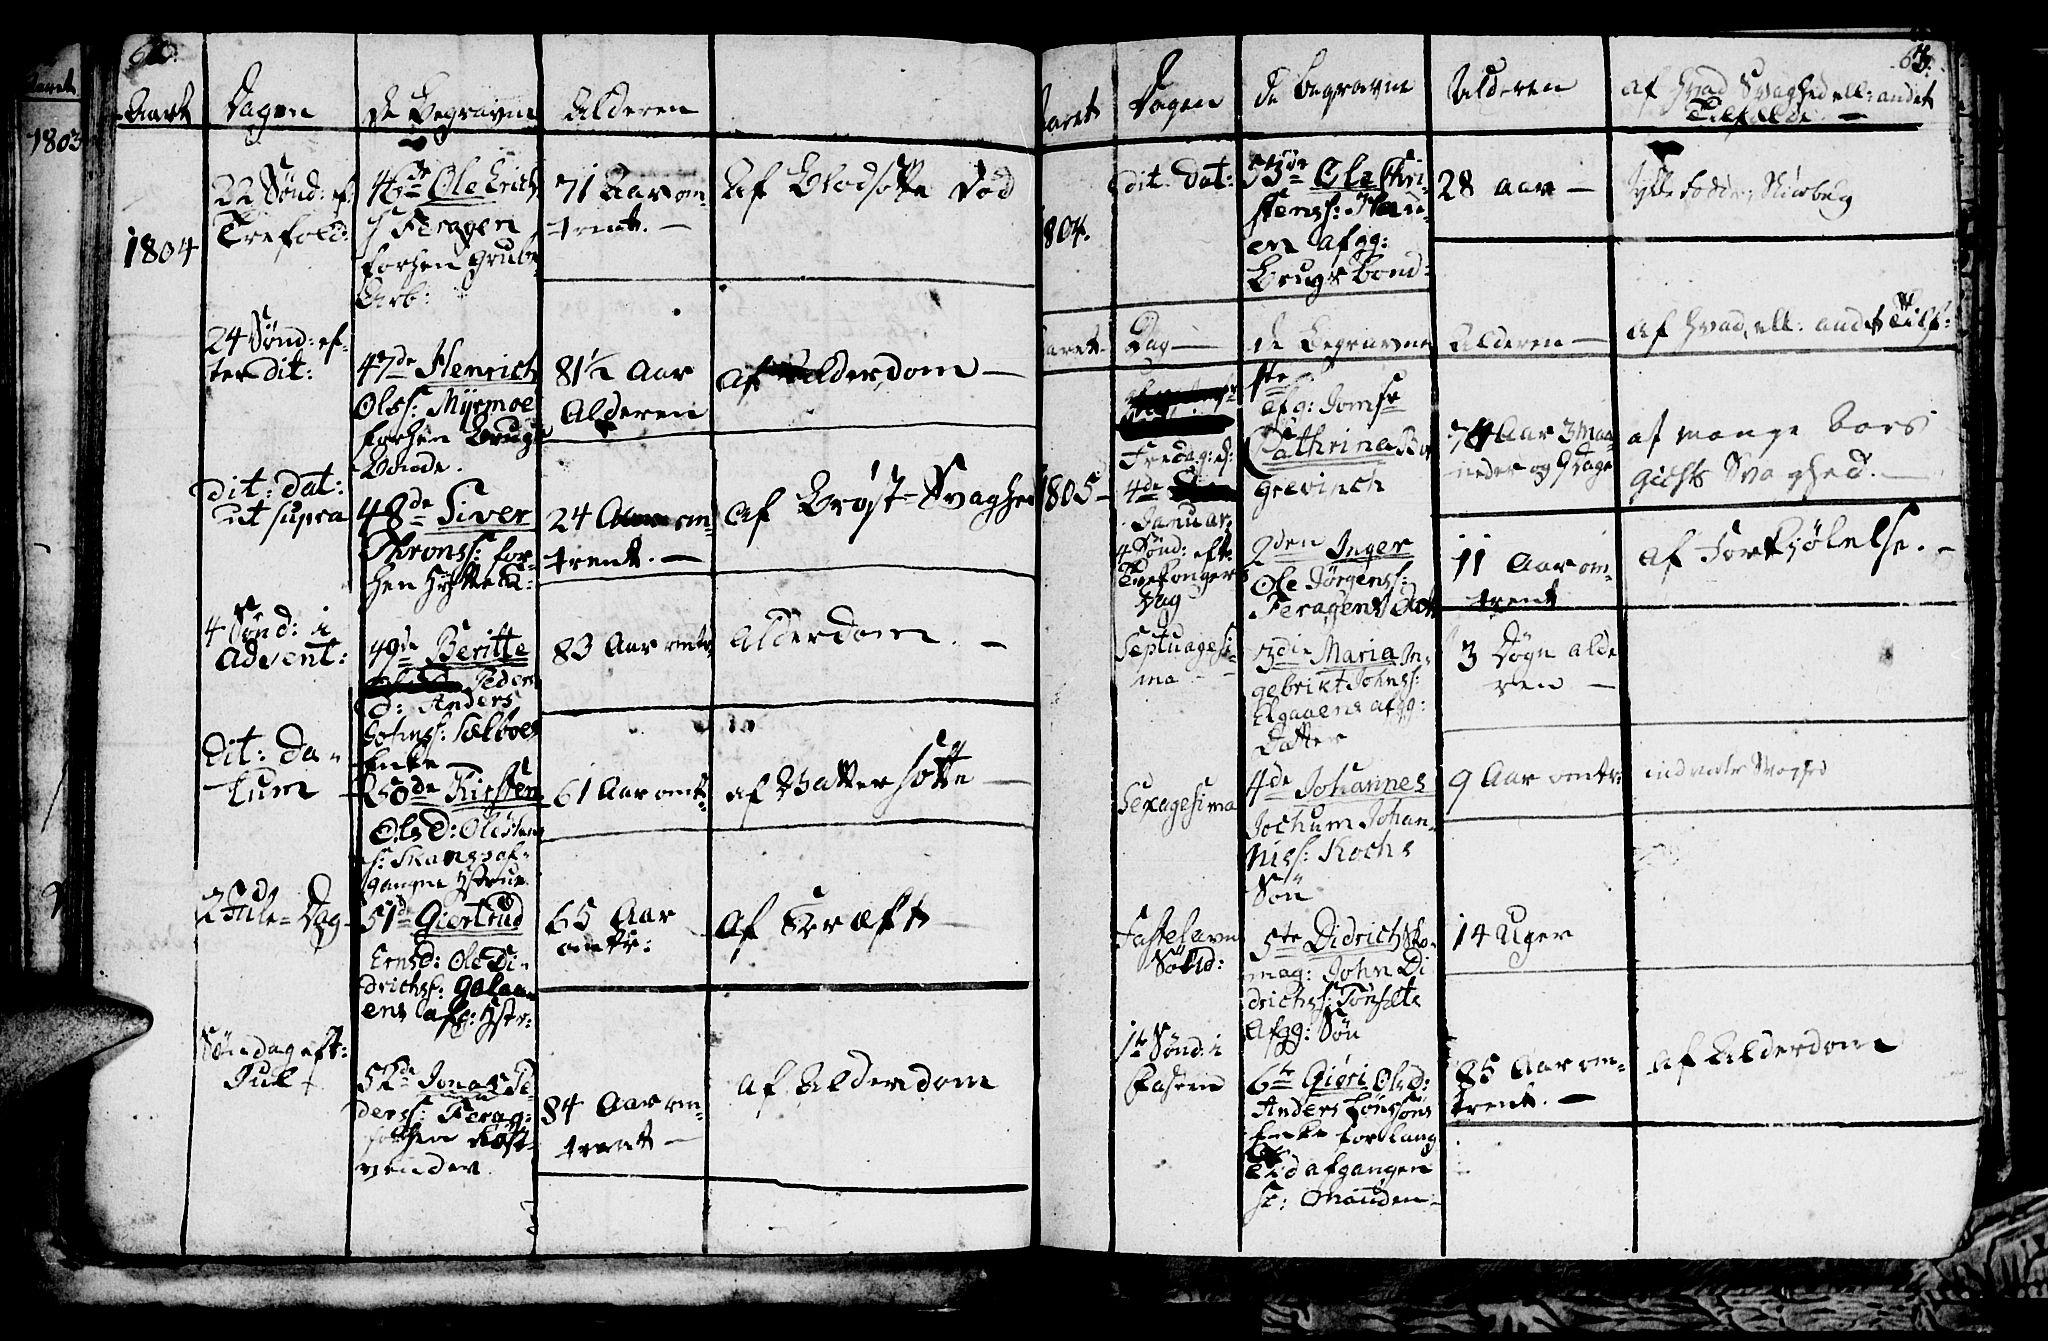 SAT, Ministerialprotokoller, klokkerbøker og fødselsregistre - Sør-Trøndelag, 681/L0937: Klokkerbok nr. 681C01, 1798-1810, s. 62-63